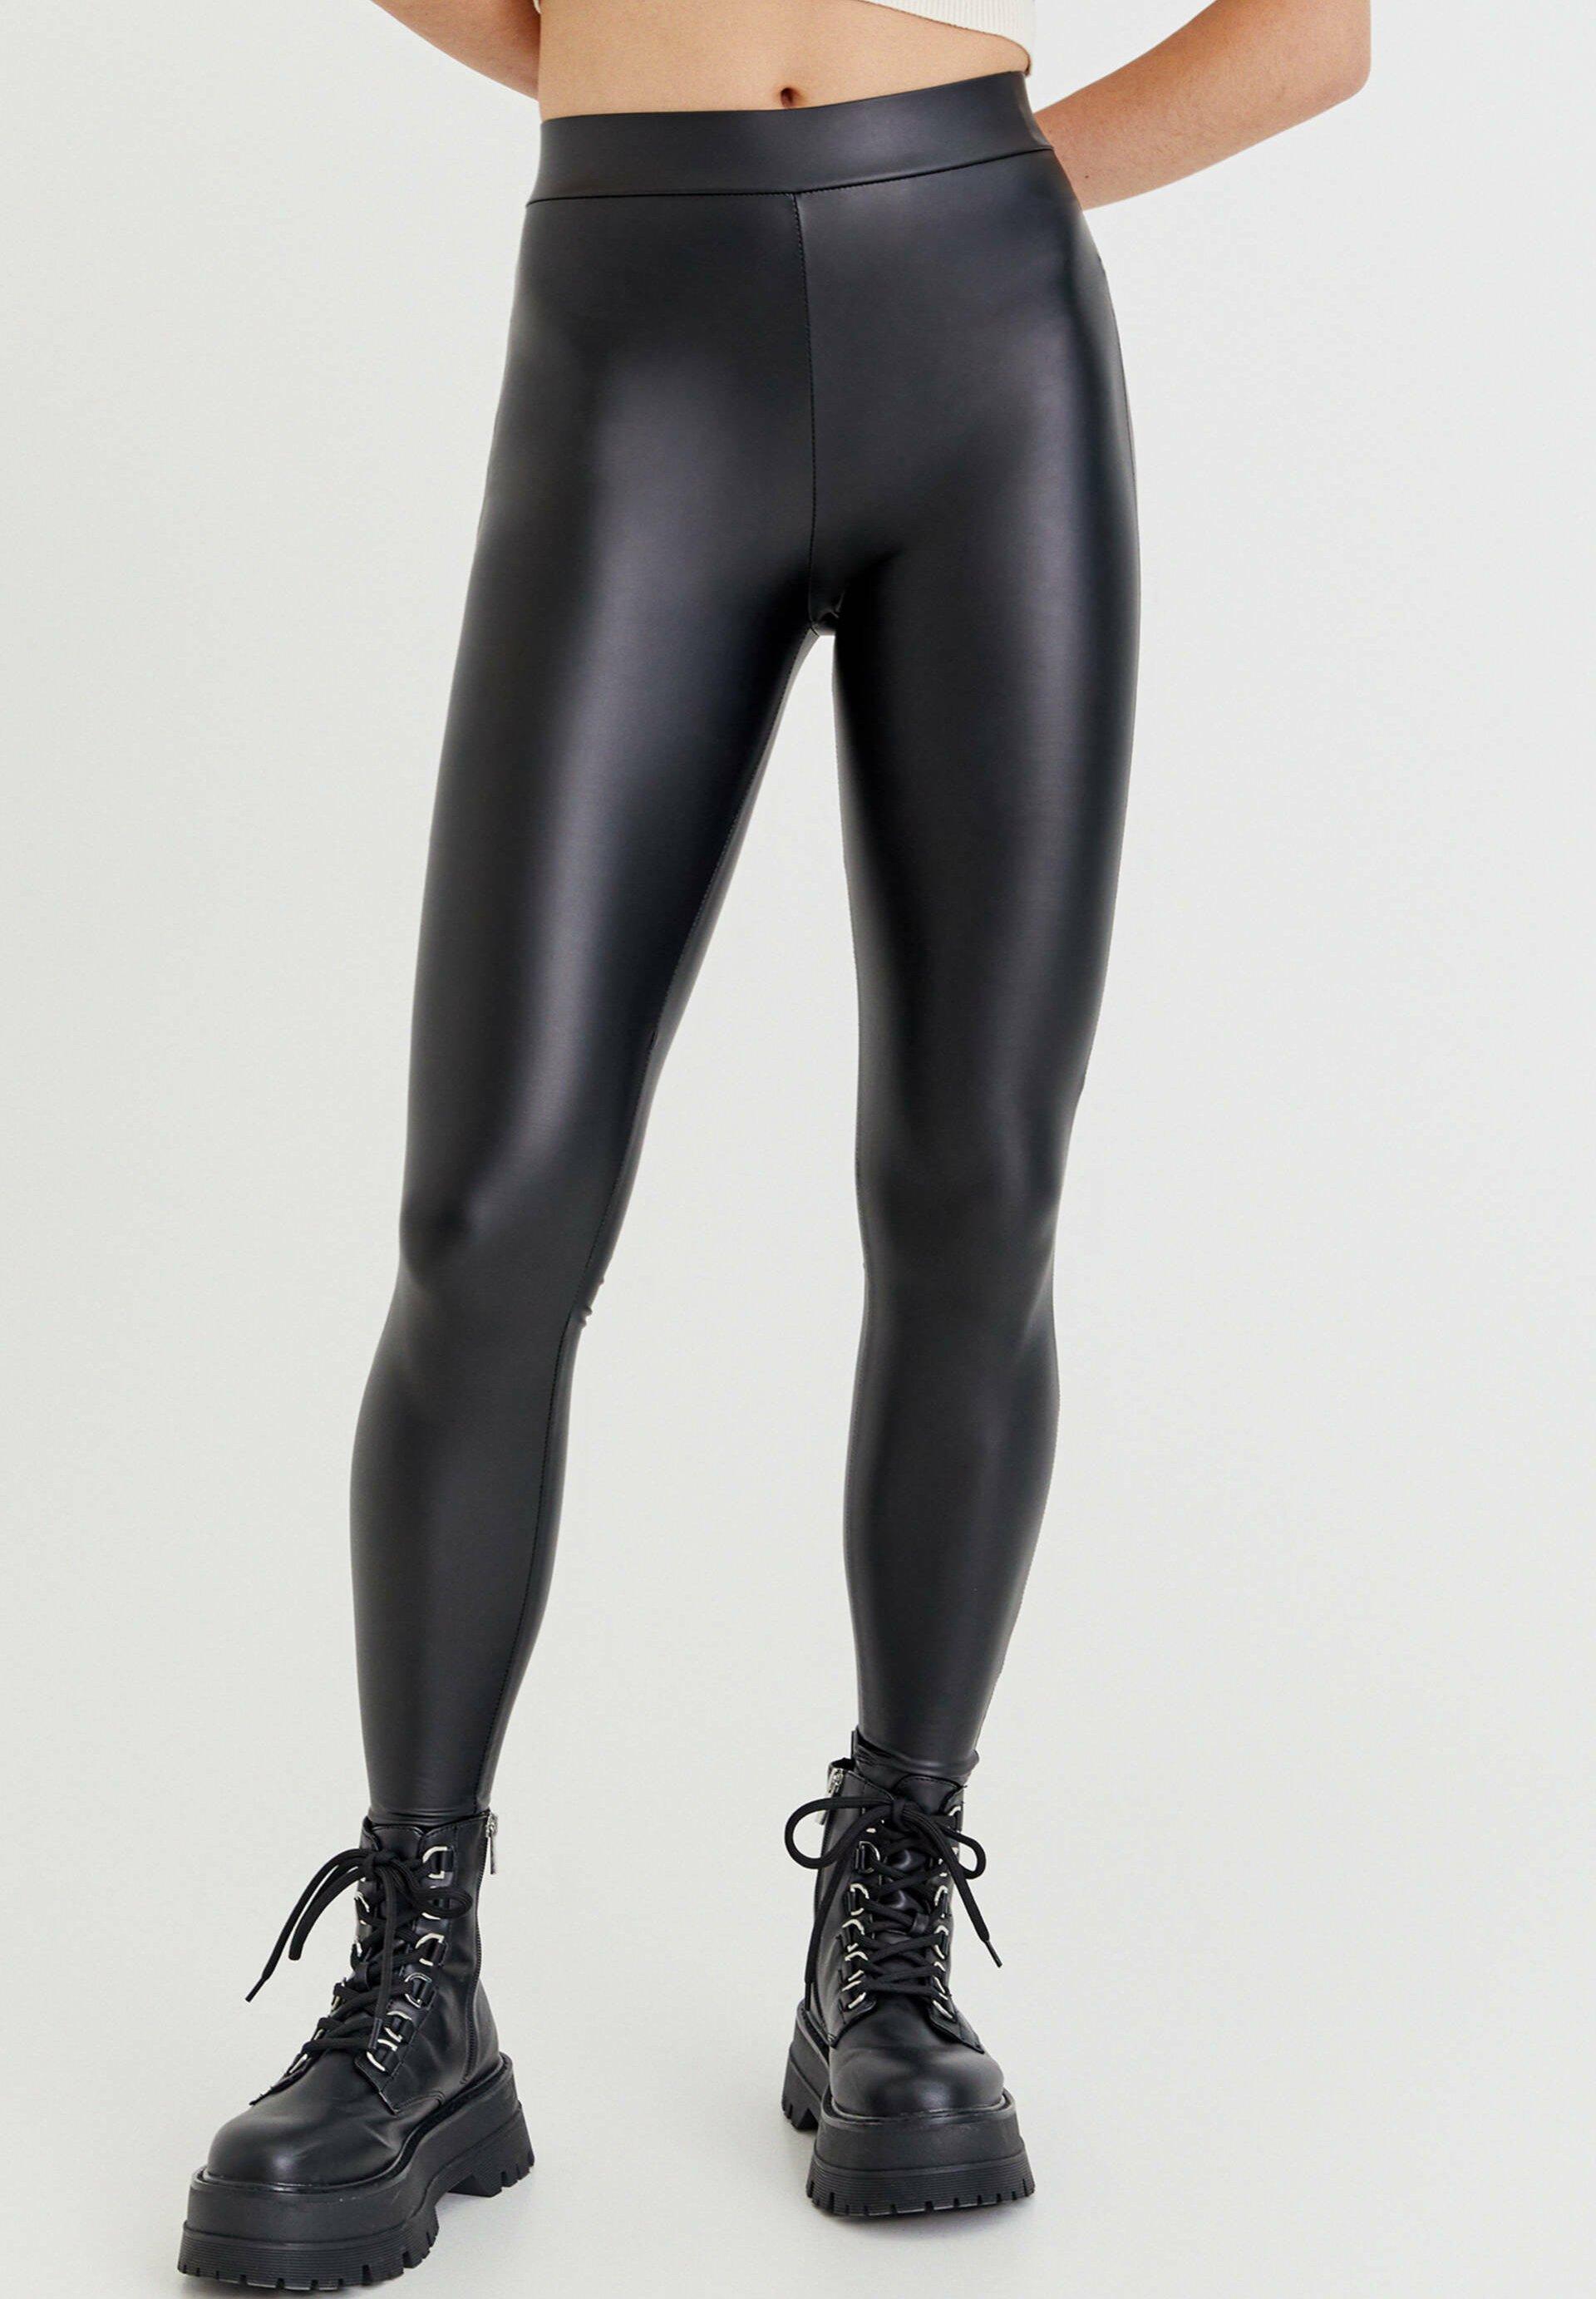 Damen VINYL - Leggings - Hosen